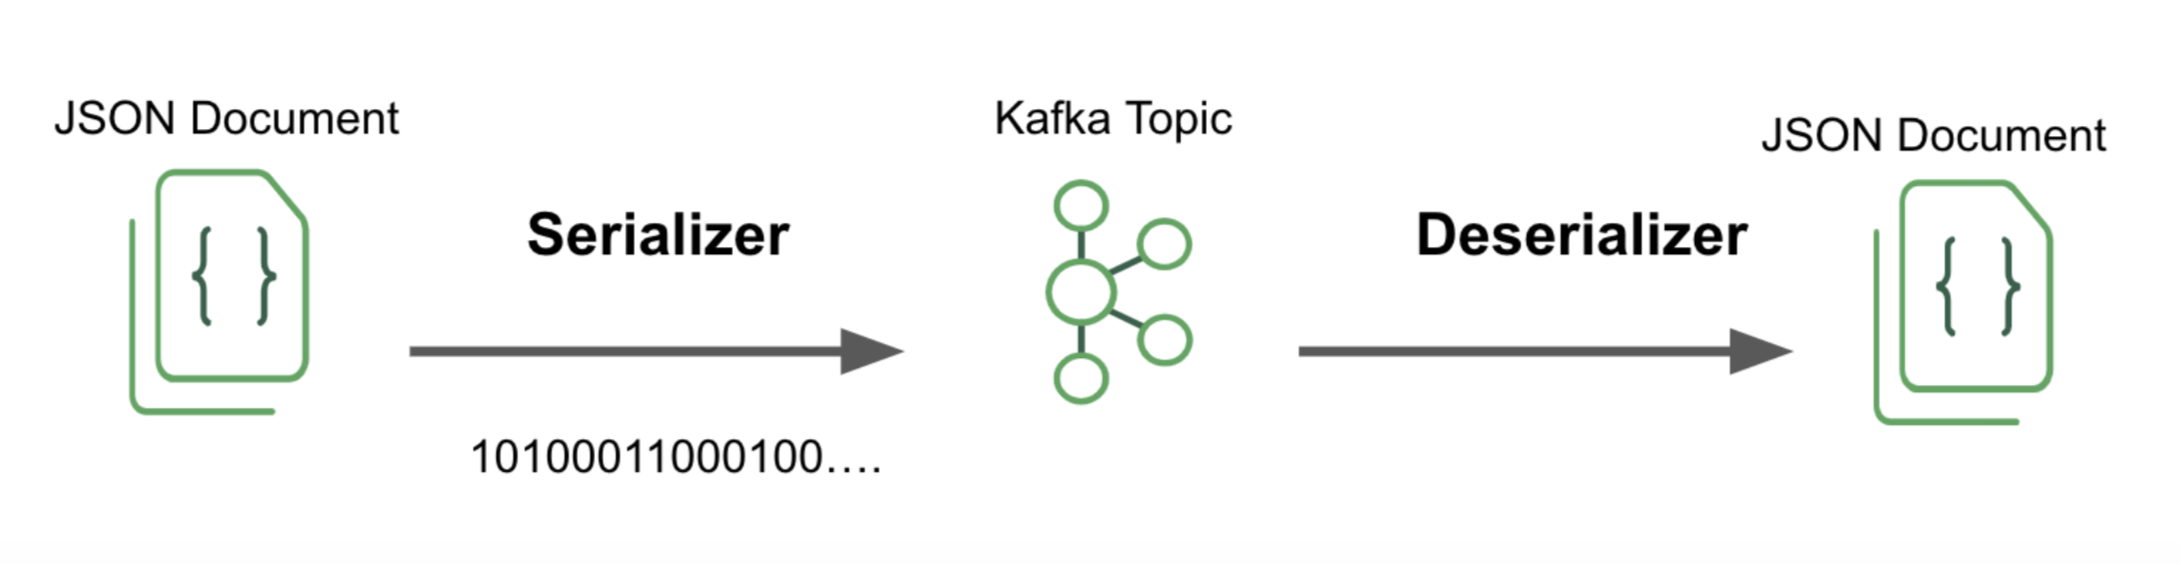 Kafka Serializer